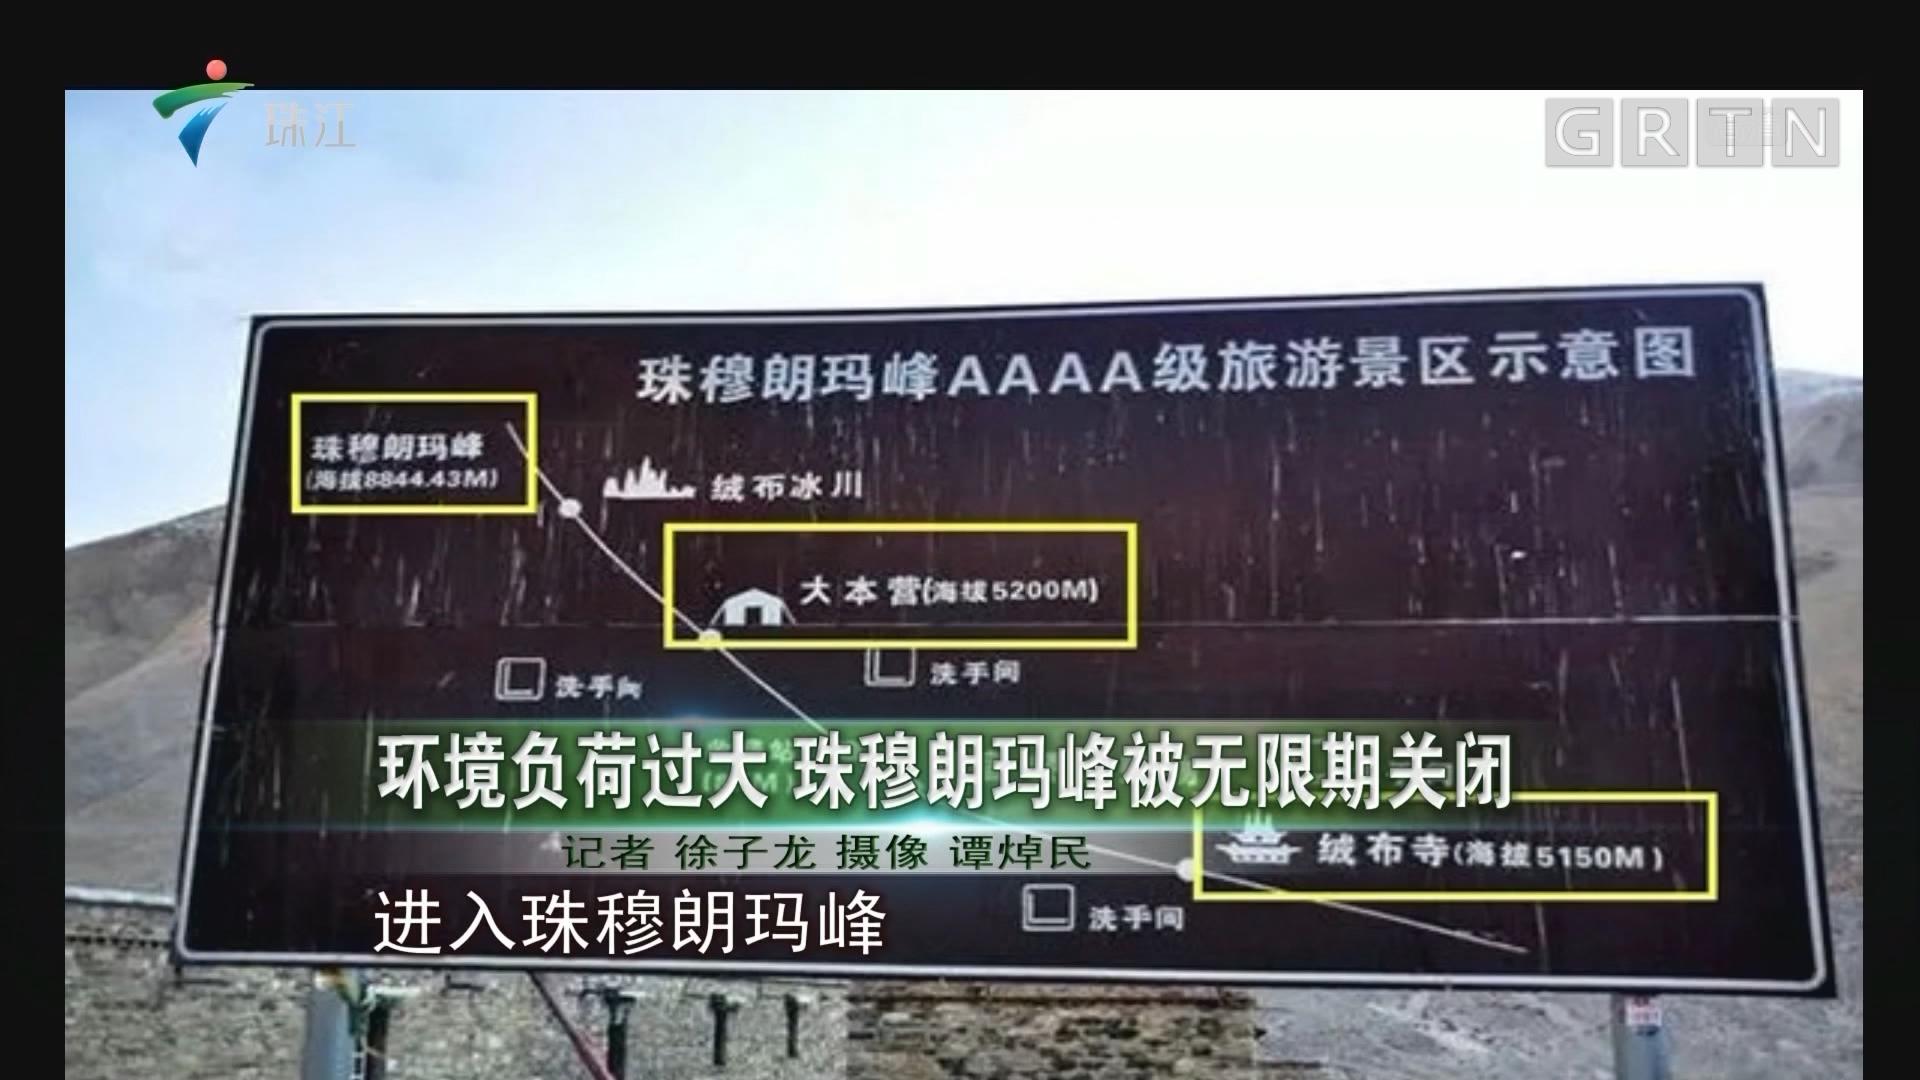 环境负荷过大 珠穆朗玛峰被无限期关闭